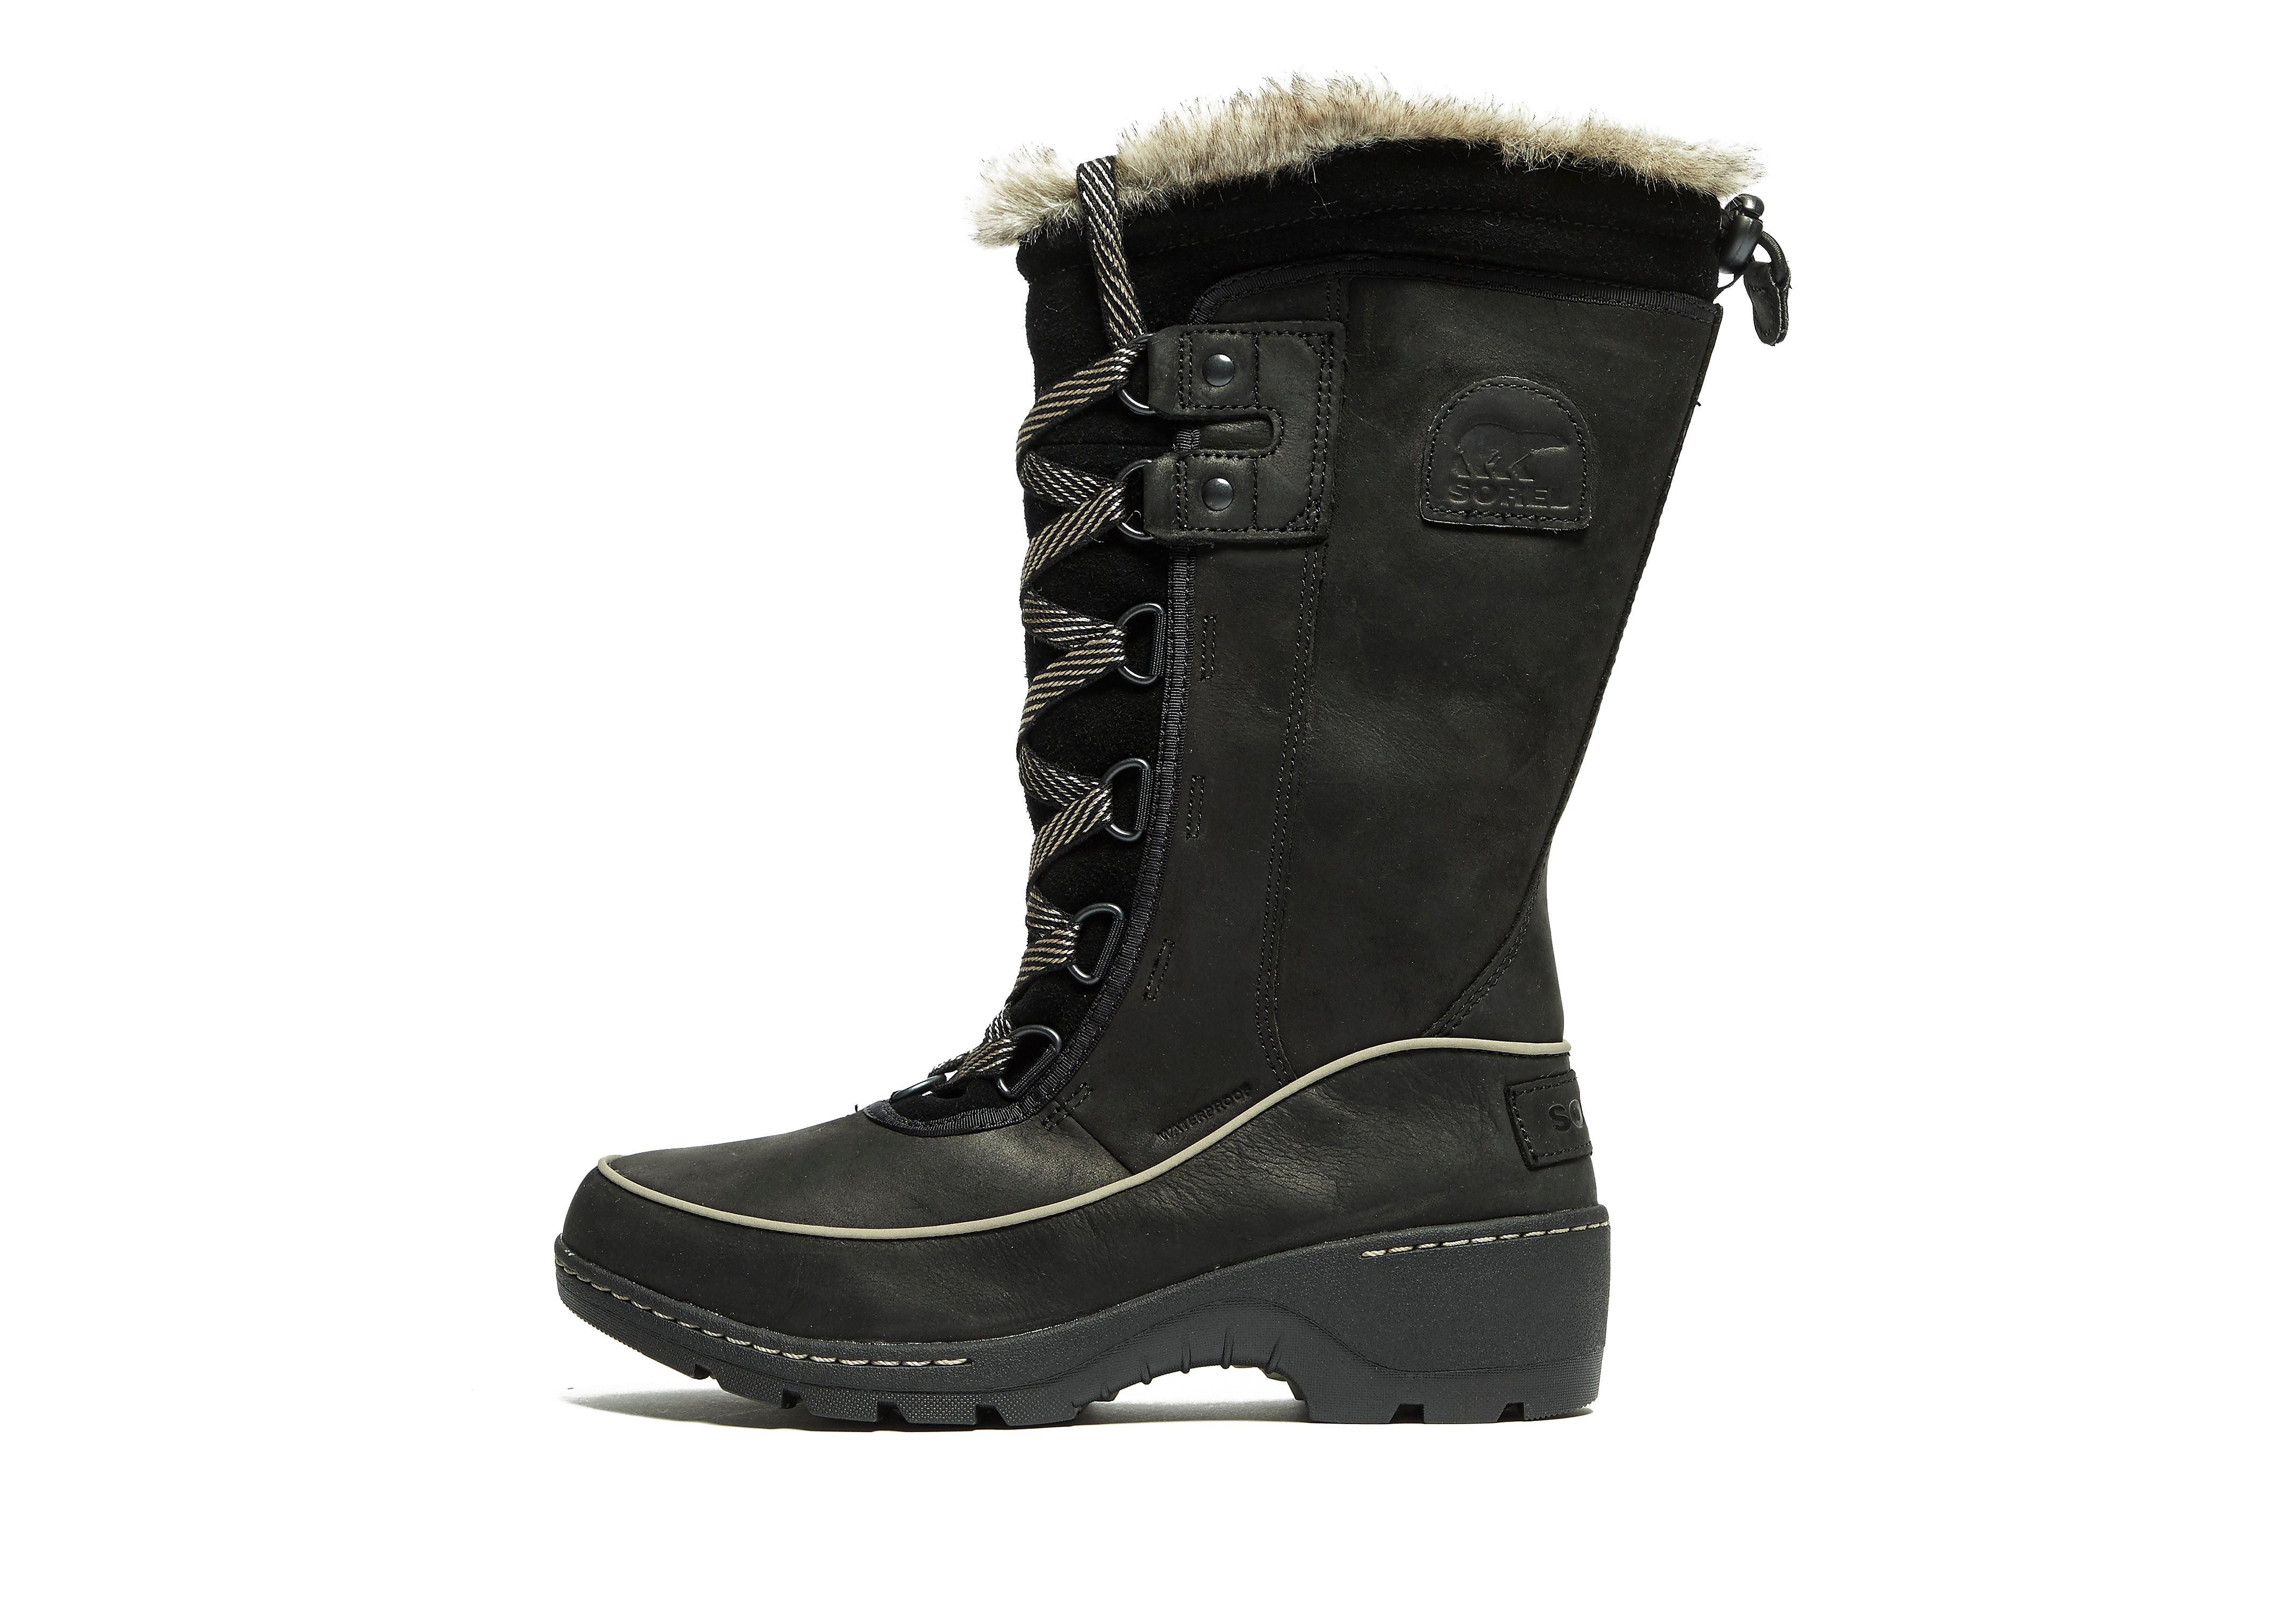 Sorel Women's Joan of Arctic Waterproof Snow Boots